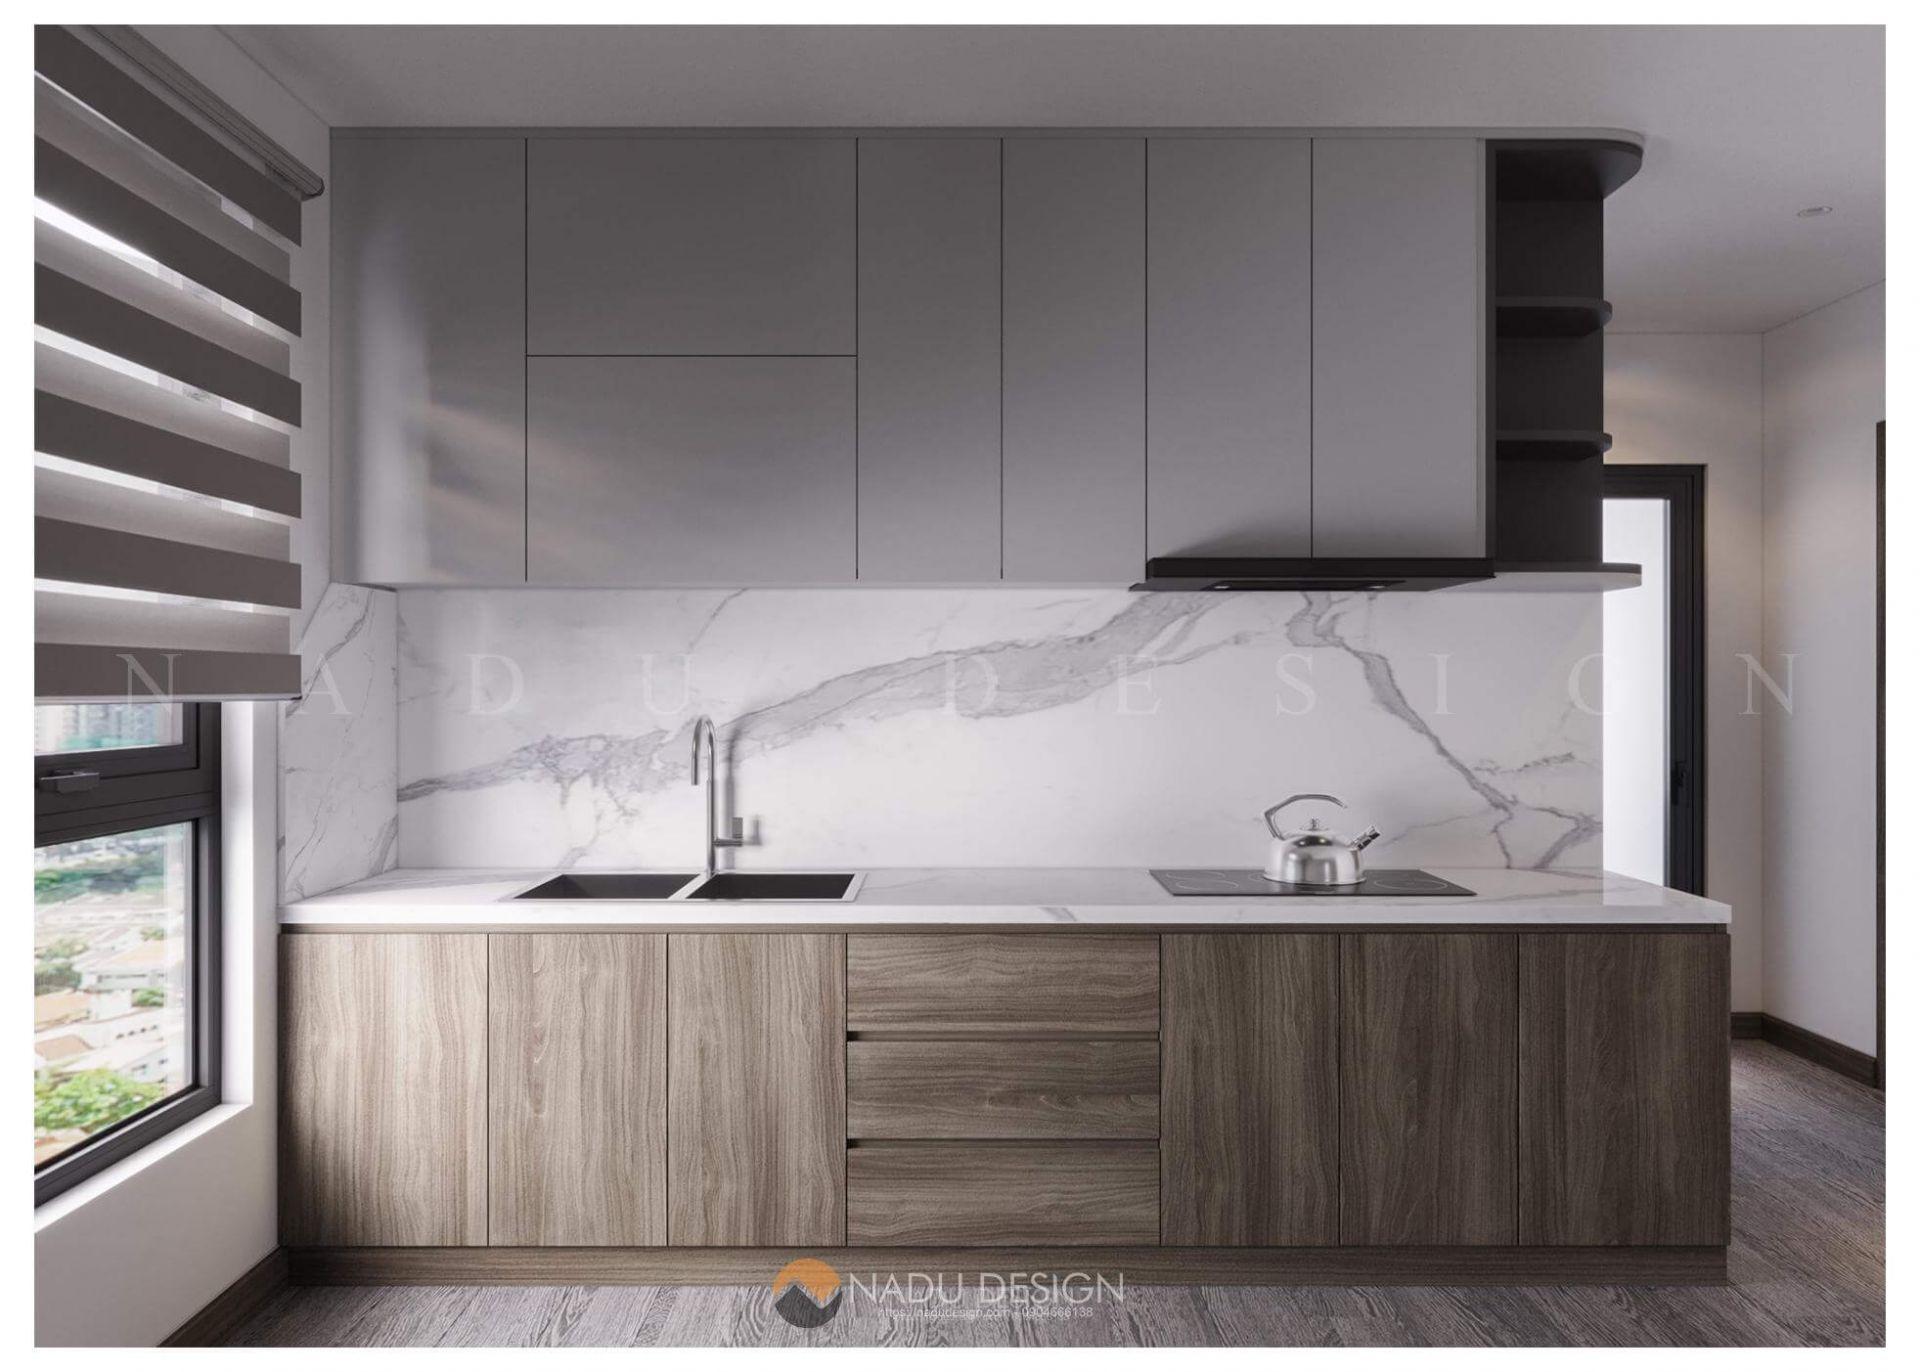 thiết kế bếp chung cư 70m2